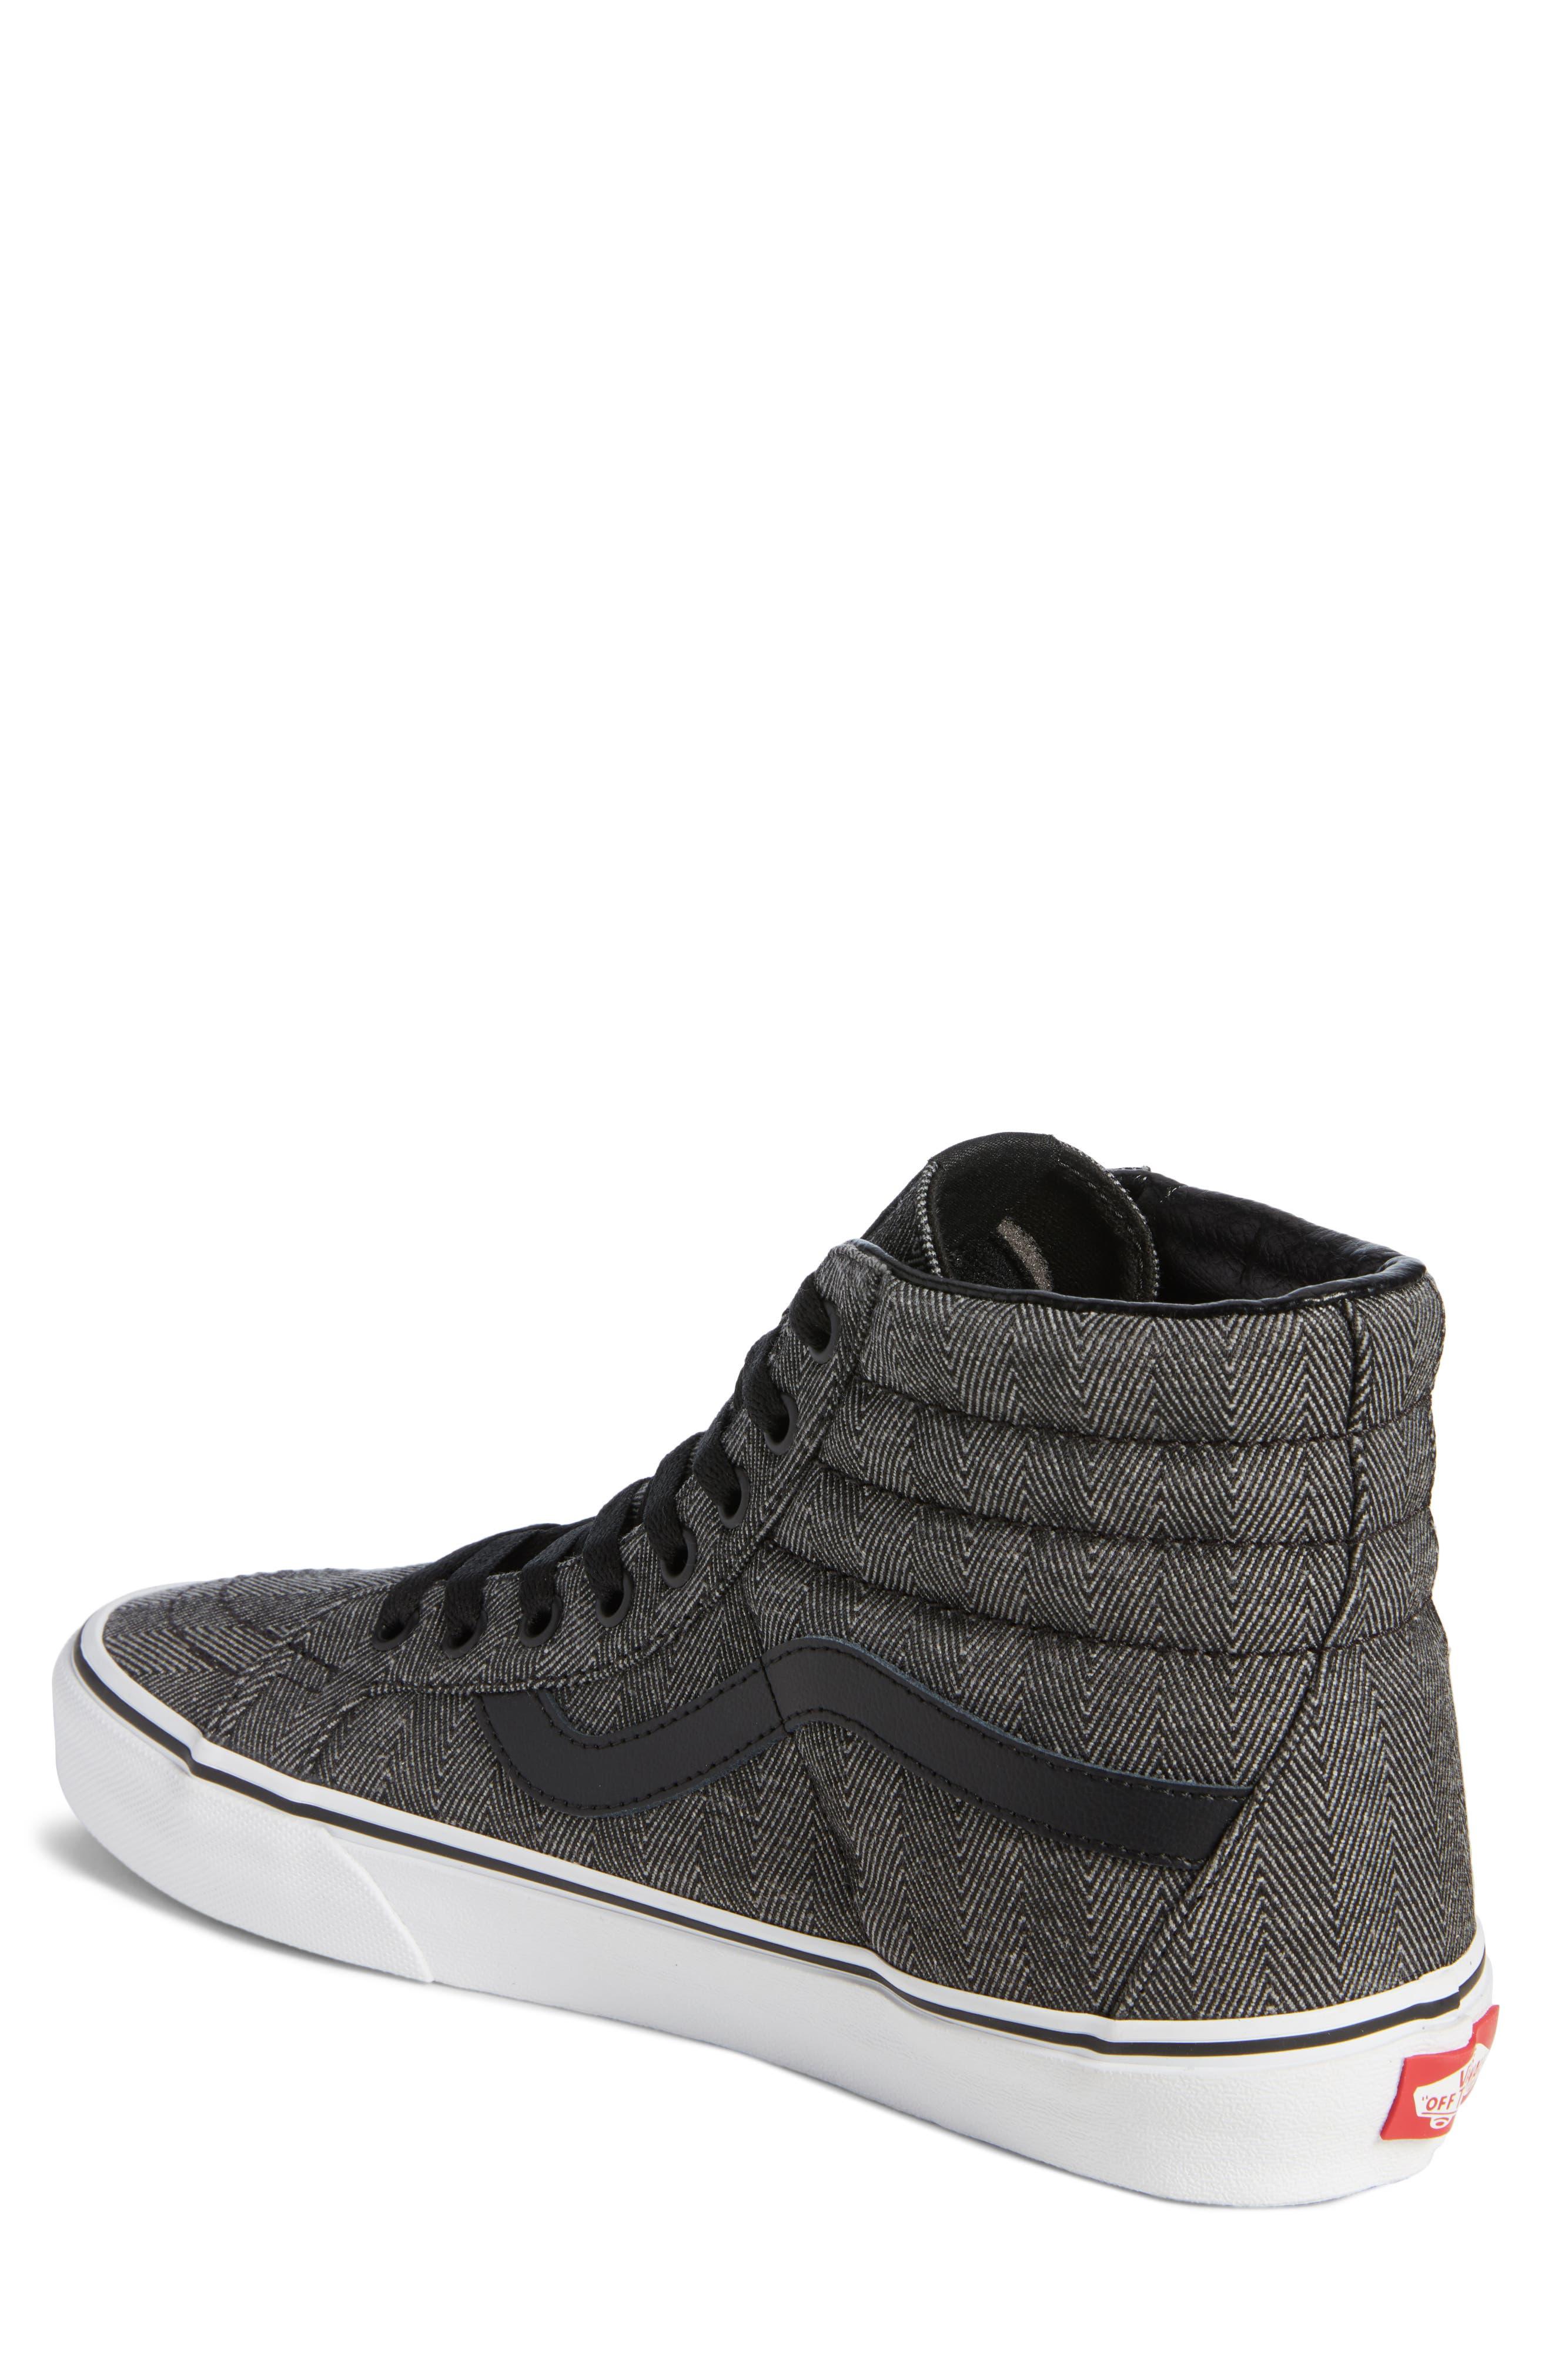 SK8-Hi Reissue High Top Sneaker,                             Alternate thumbnail 2, color,                             BLACK/ TRUE WHITE